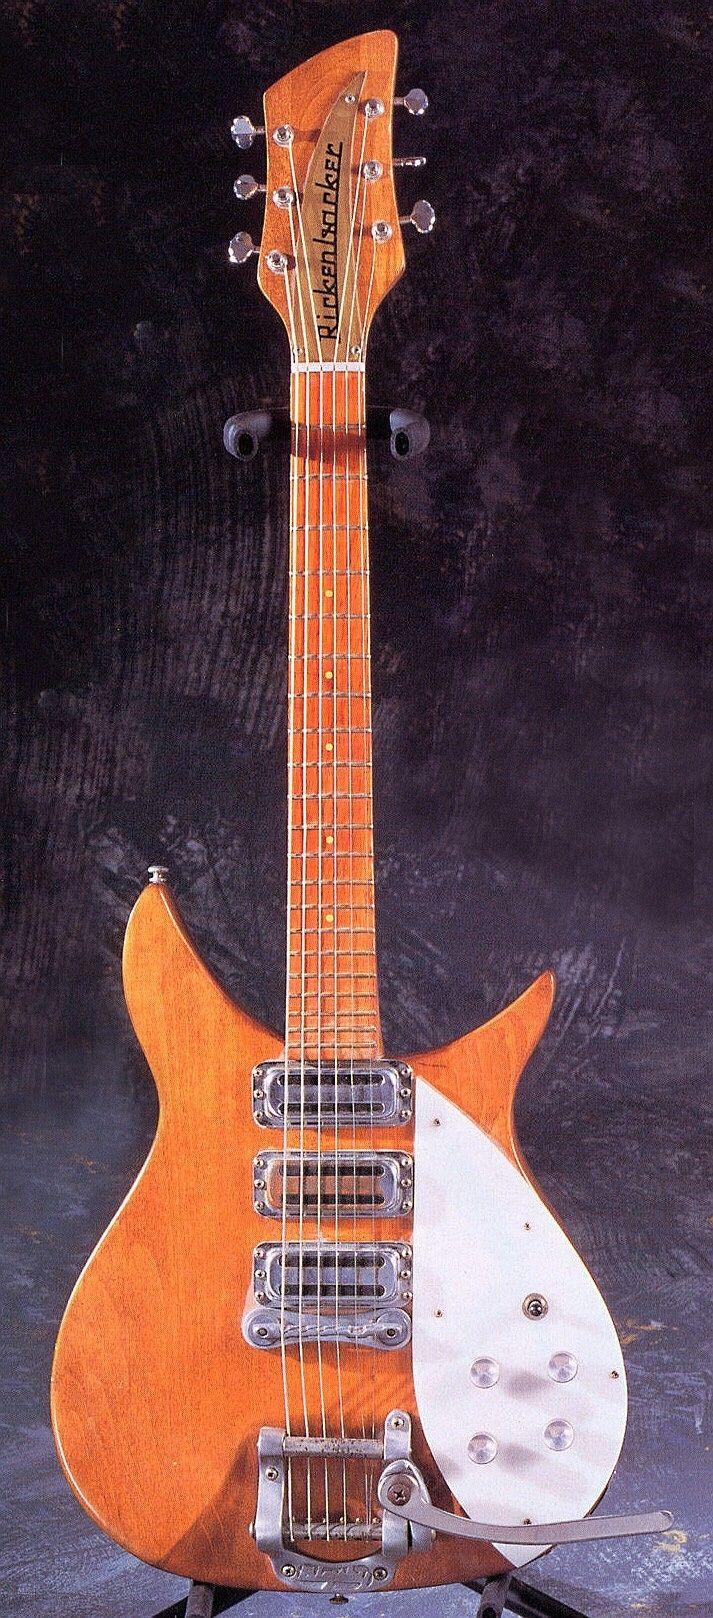 11 Best Musical Things I Want Images On Pinterest Guitars Bass Bridge Tremolo Fender Semi Updown Chrome John Lennons Rickenbacker